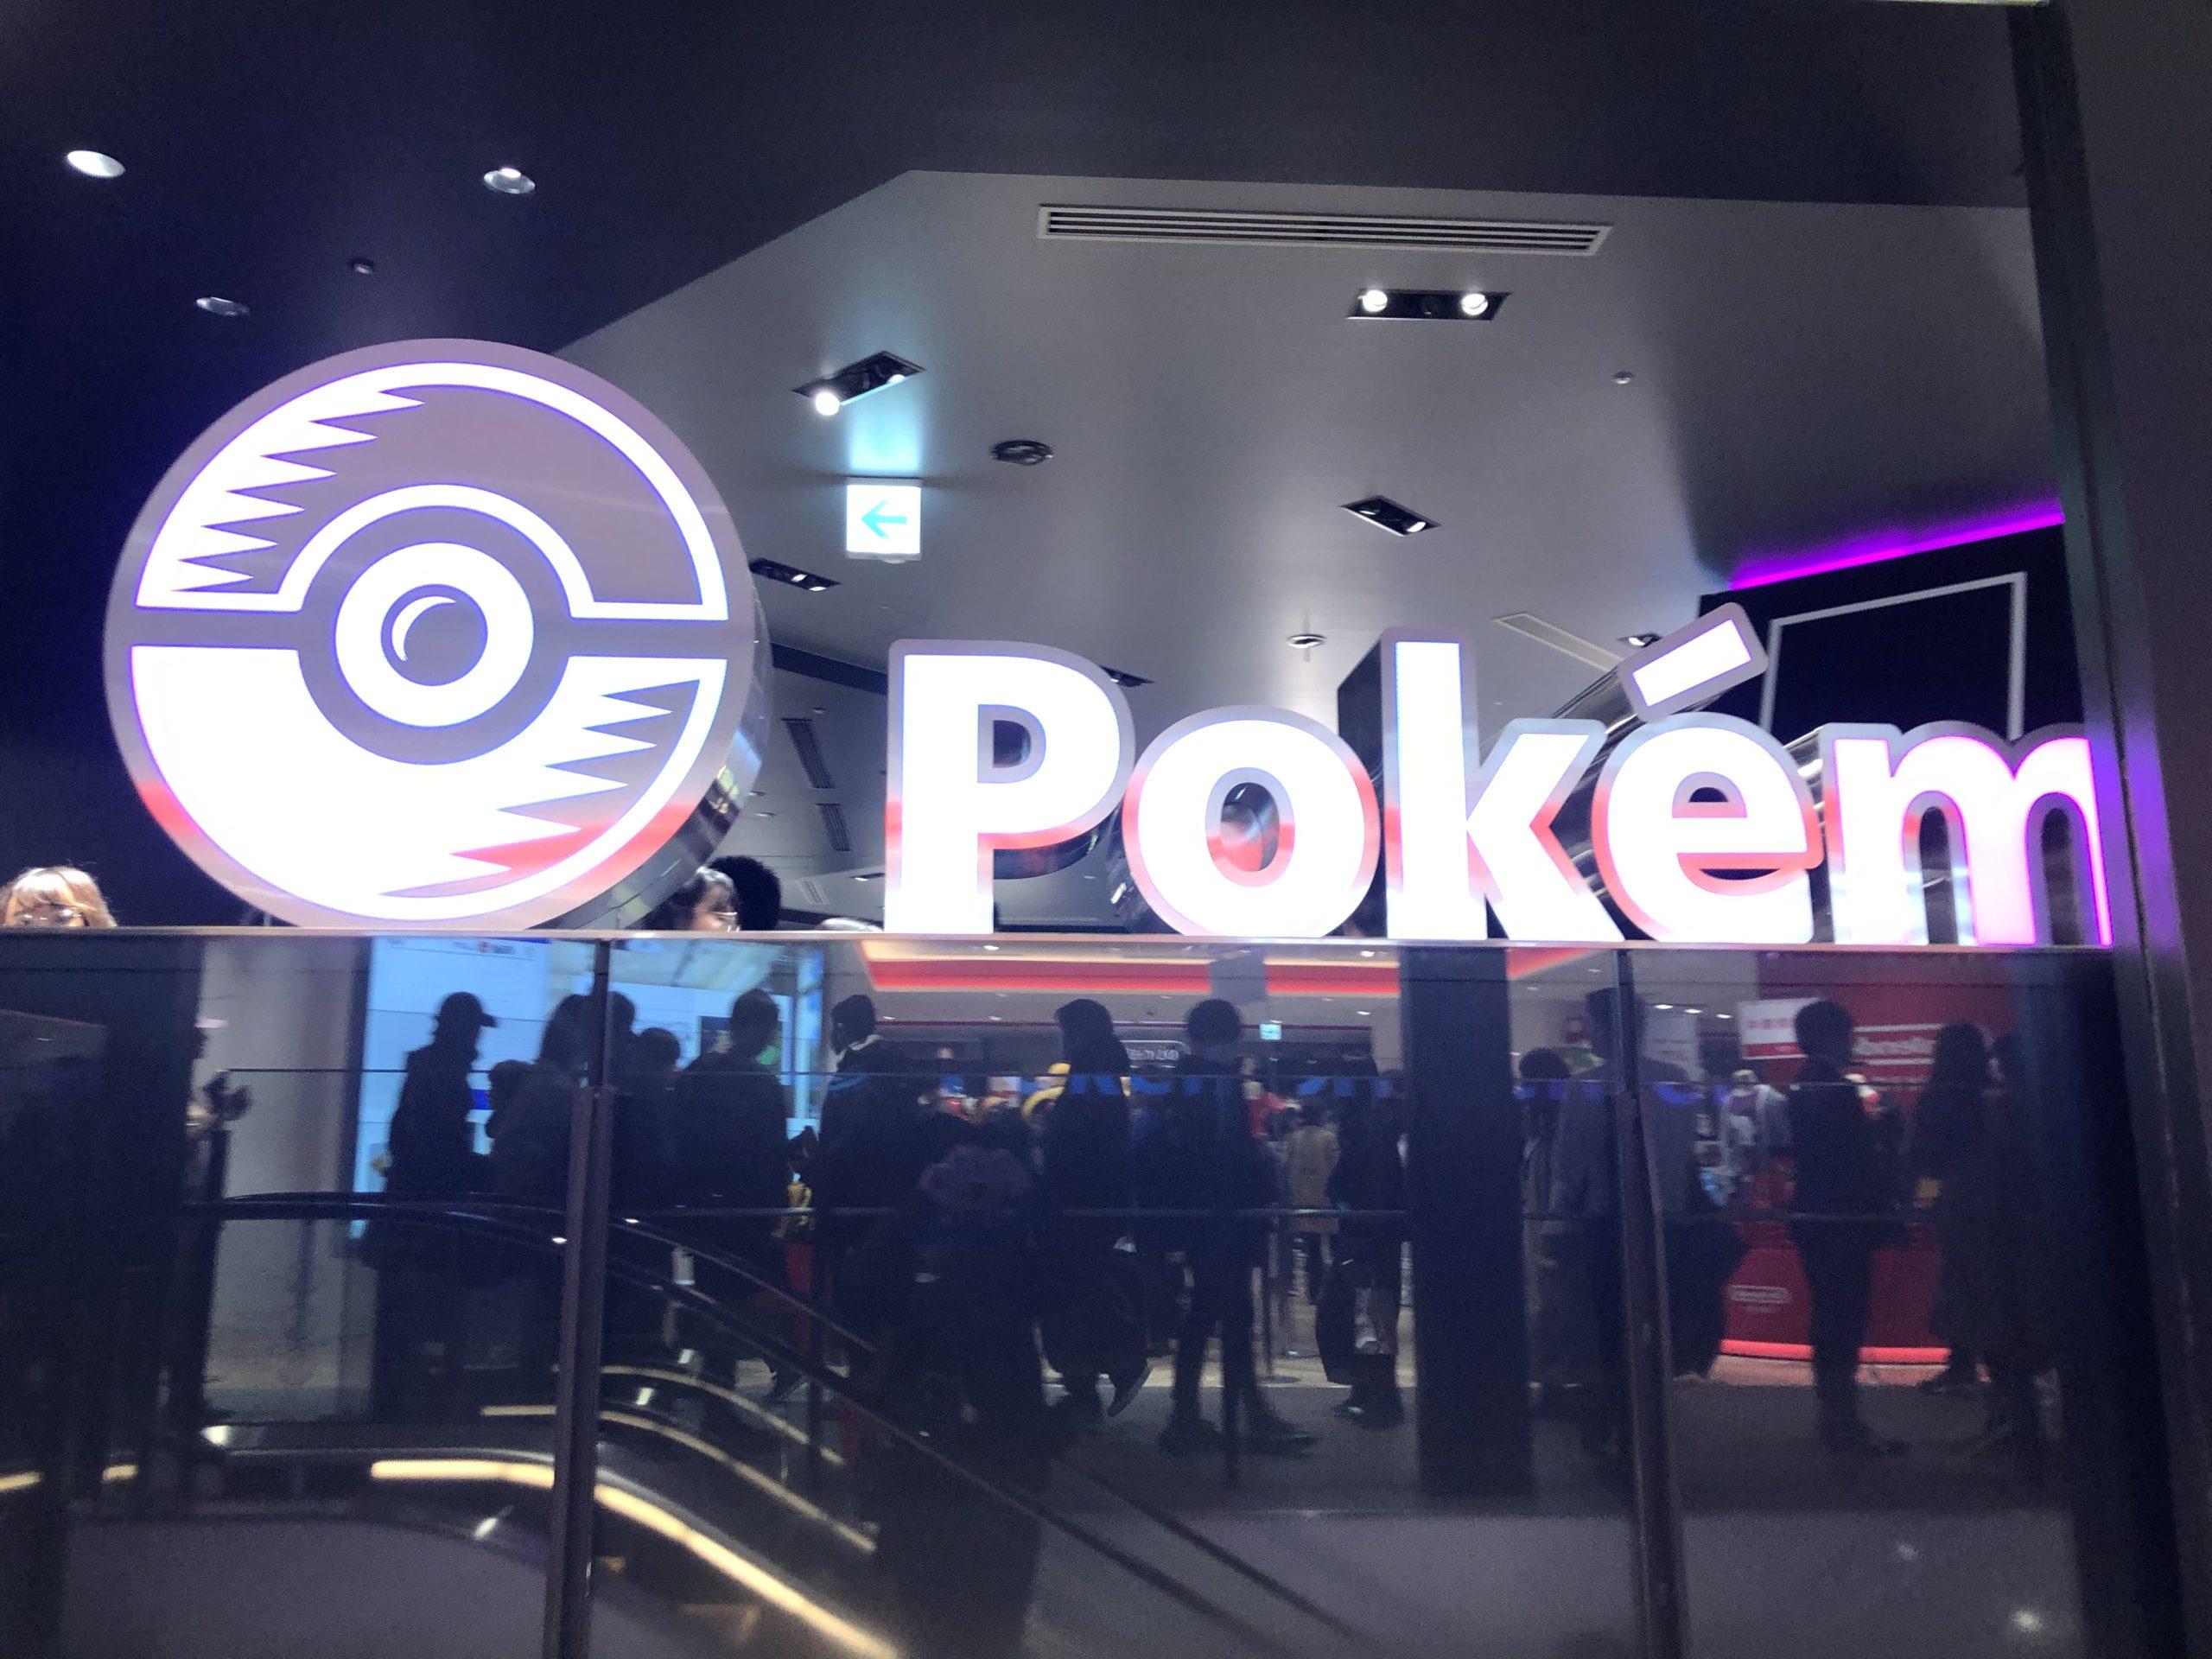 ポケモン センター 渋谷 ポケモンセンターシブヤがオープン!|ポケットモンスターオフィシャルサイト